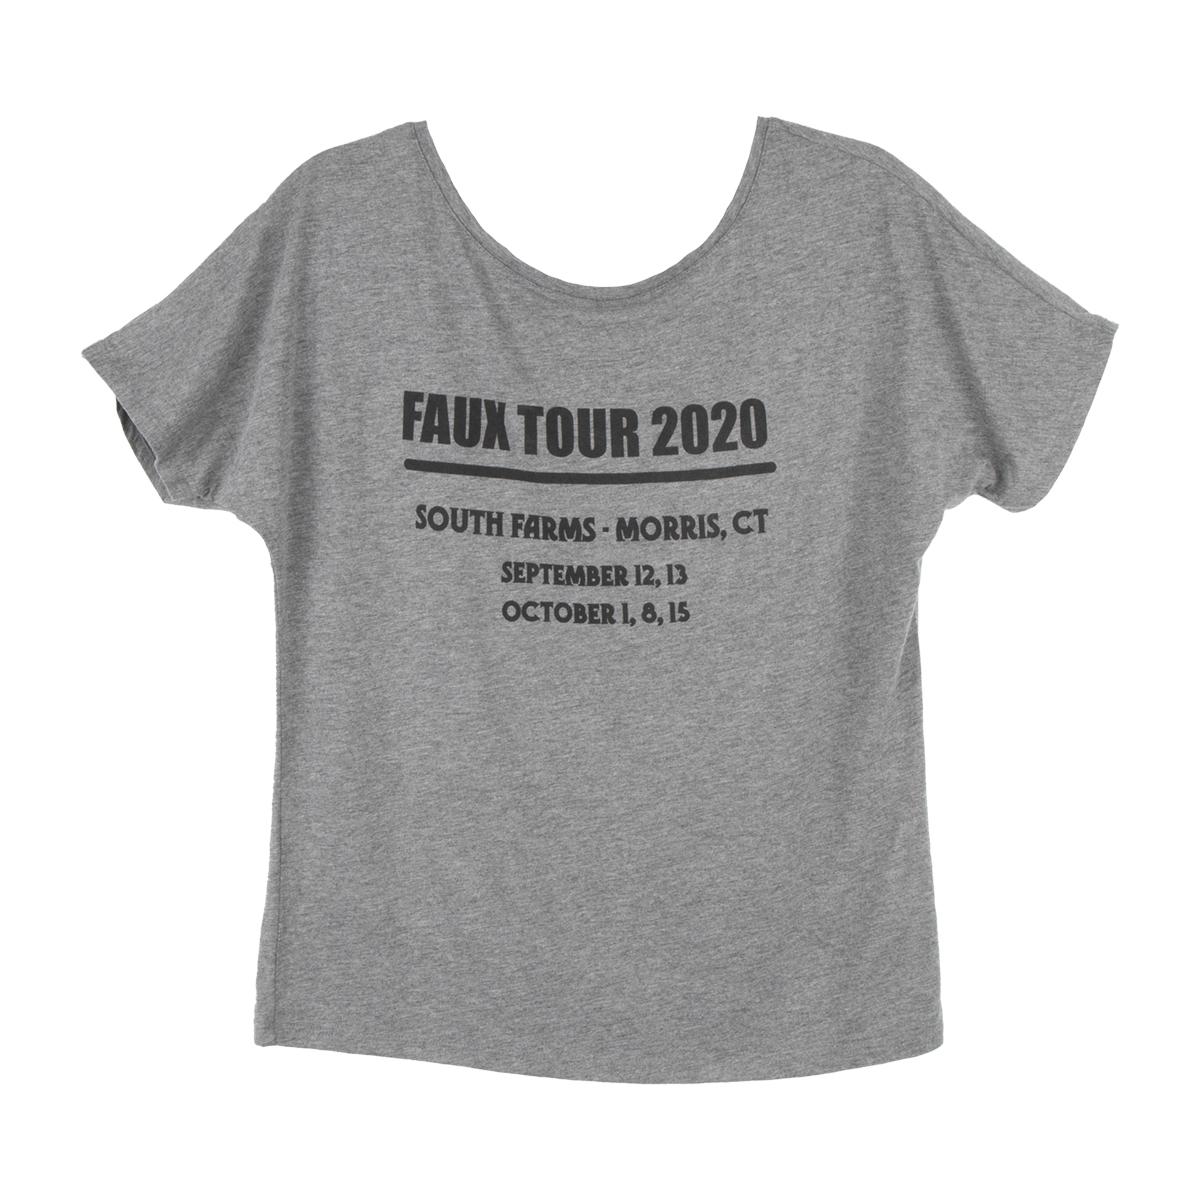 Faux Tour 2020 Ladies T-Shirt